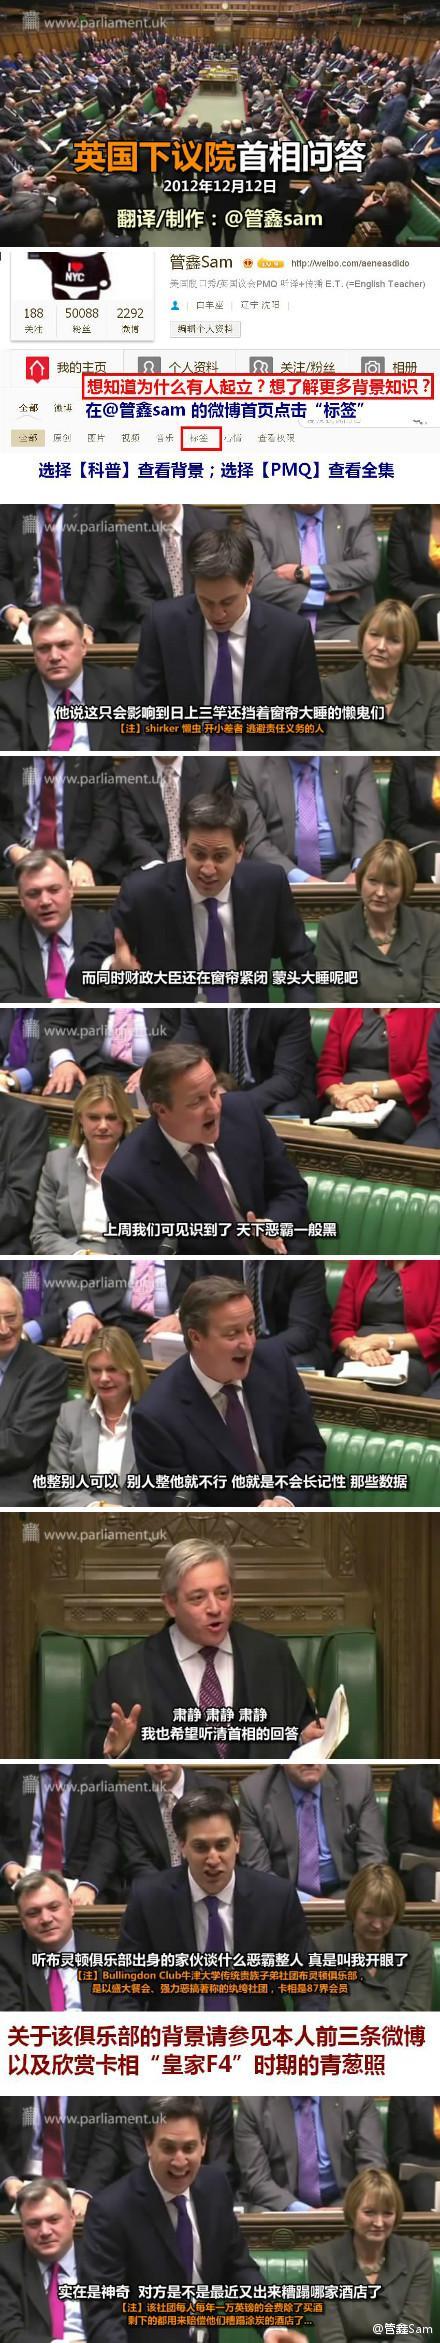 英国下议院首相问答 2012.12.12 【侠盗罗宾汉,皇家道明寺】